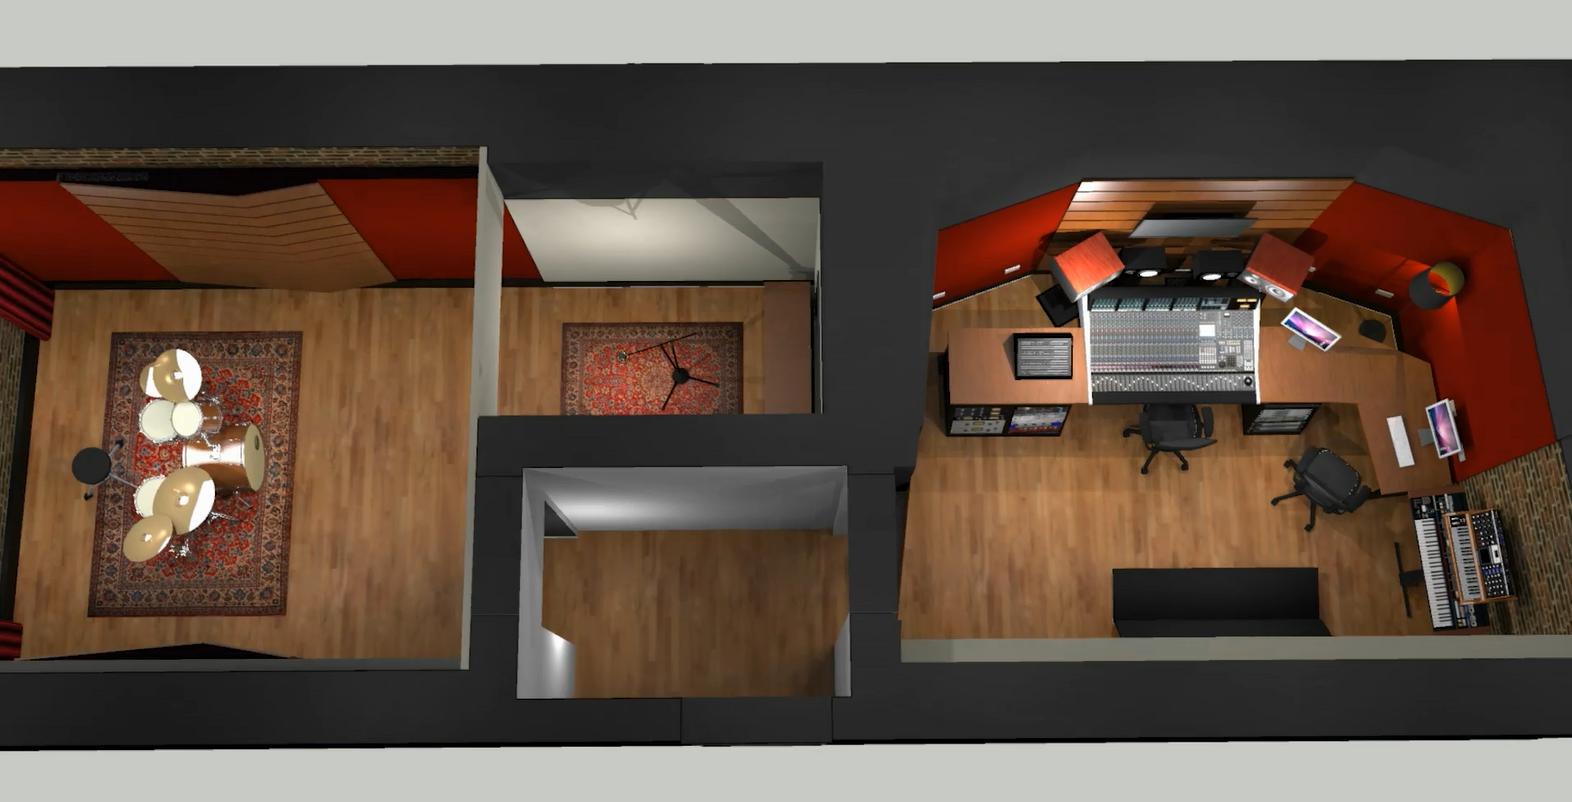 studio-77-aerial